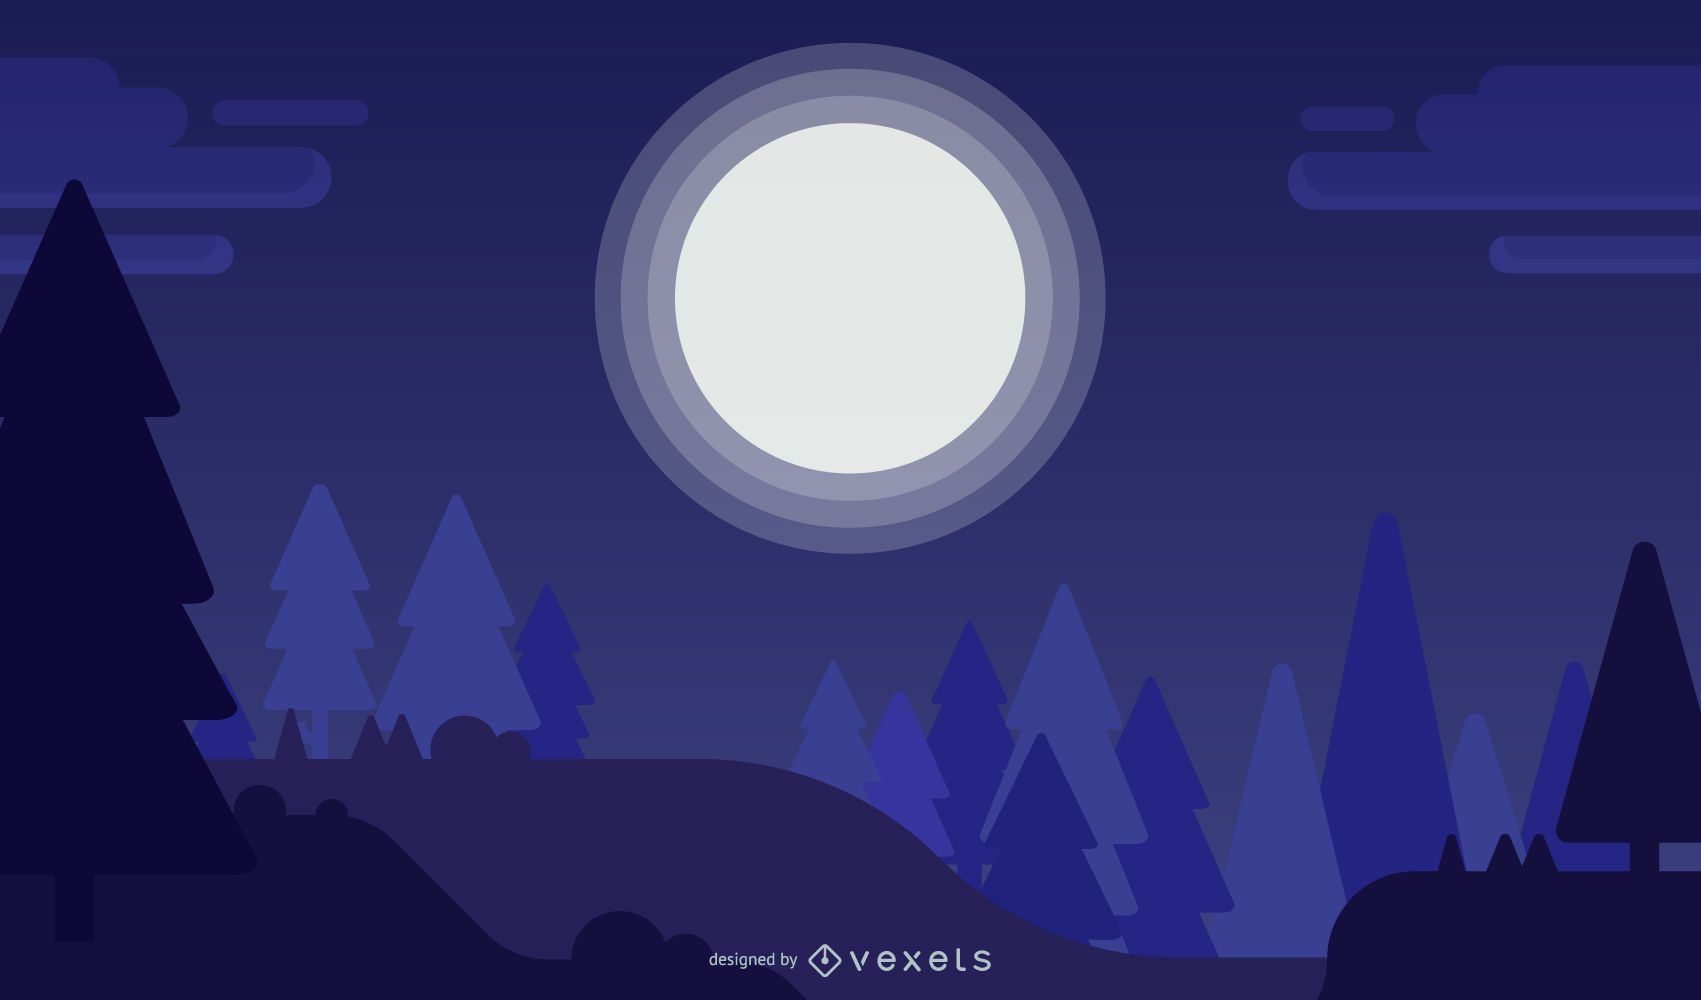 Full Moon Background Design